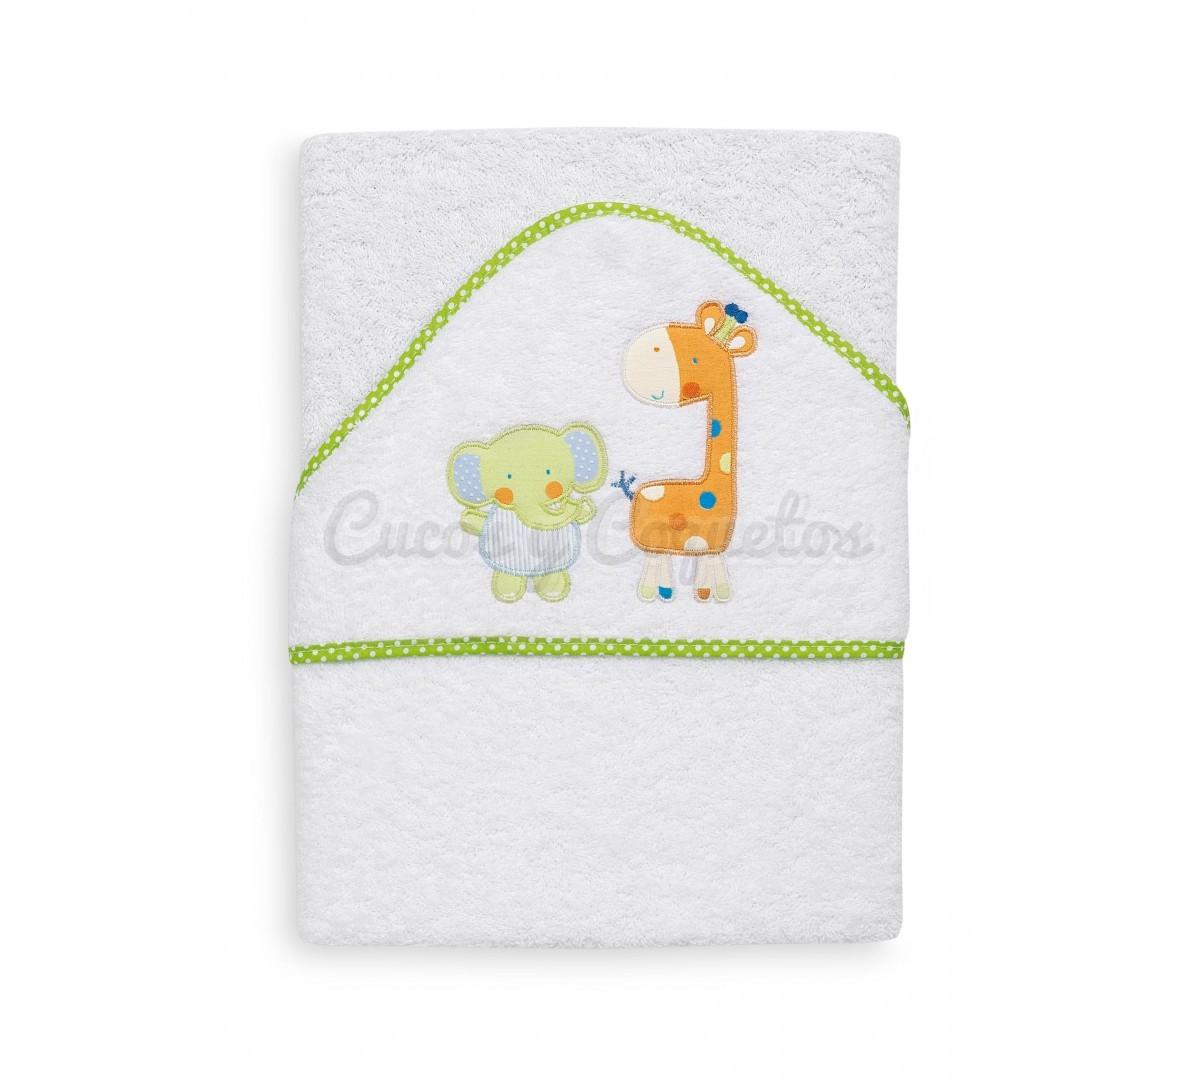 Capa ba o elefante jirafa regalos para beb s - Capas de bano bebe personalizadas ...